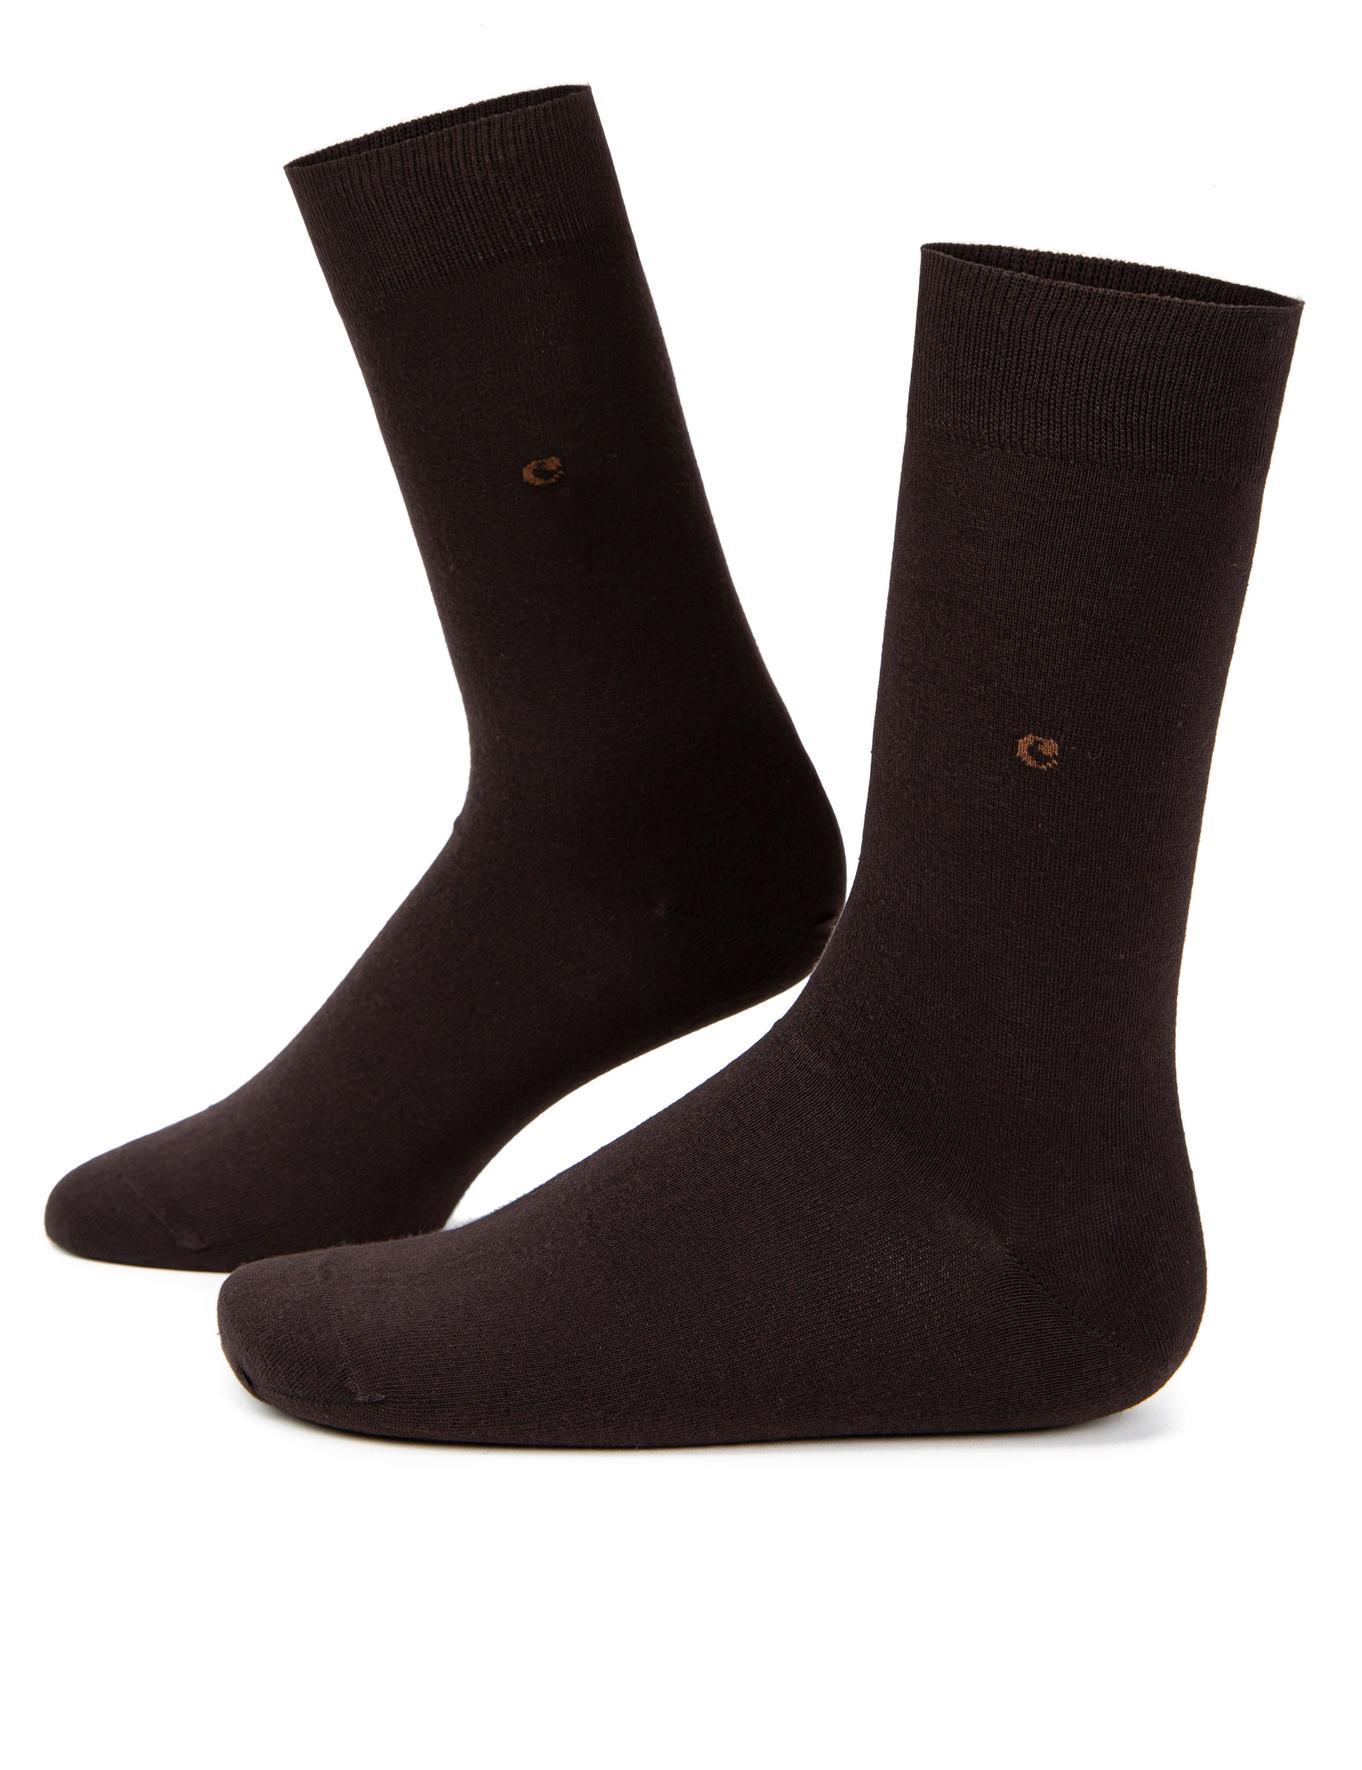 Kahverengi Çorap - 50230329005